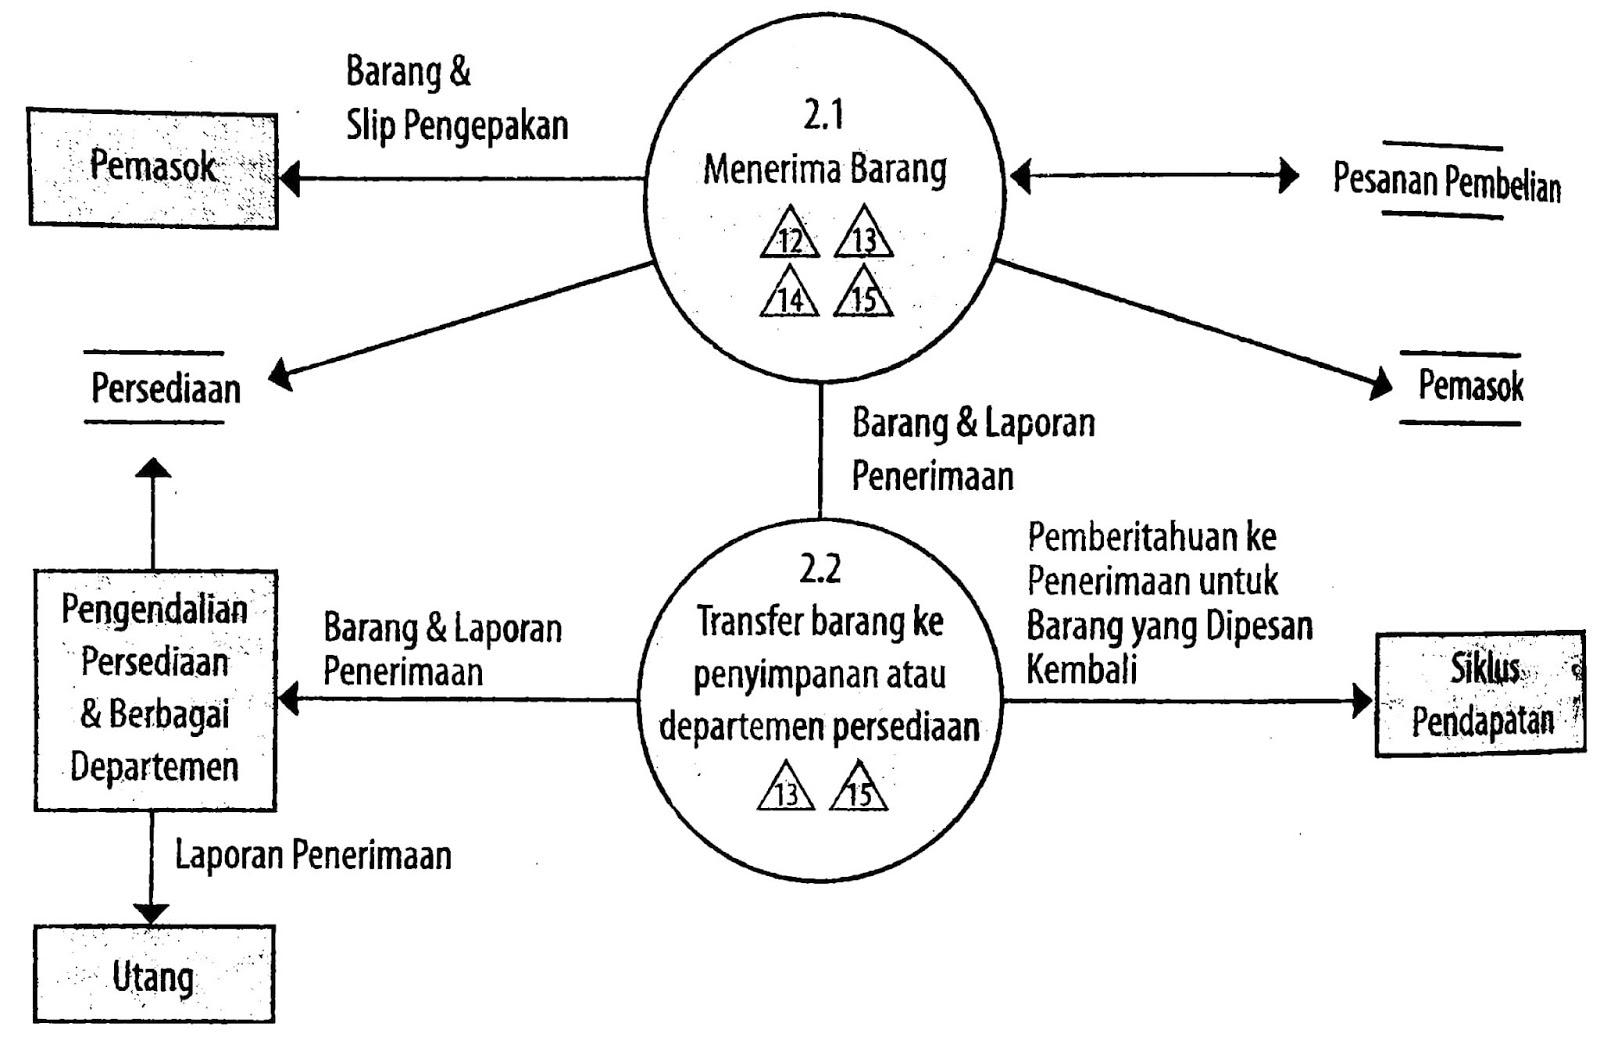 Sistem Informasi Akuntansi: Bab 13: Siklus Pengeluaran